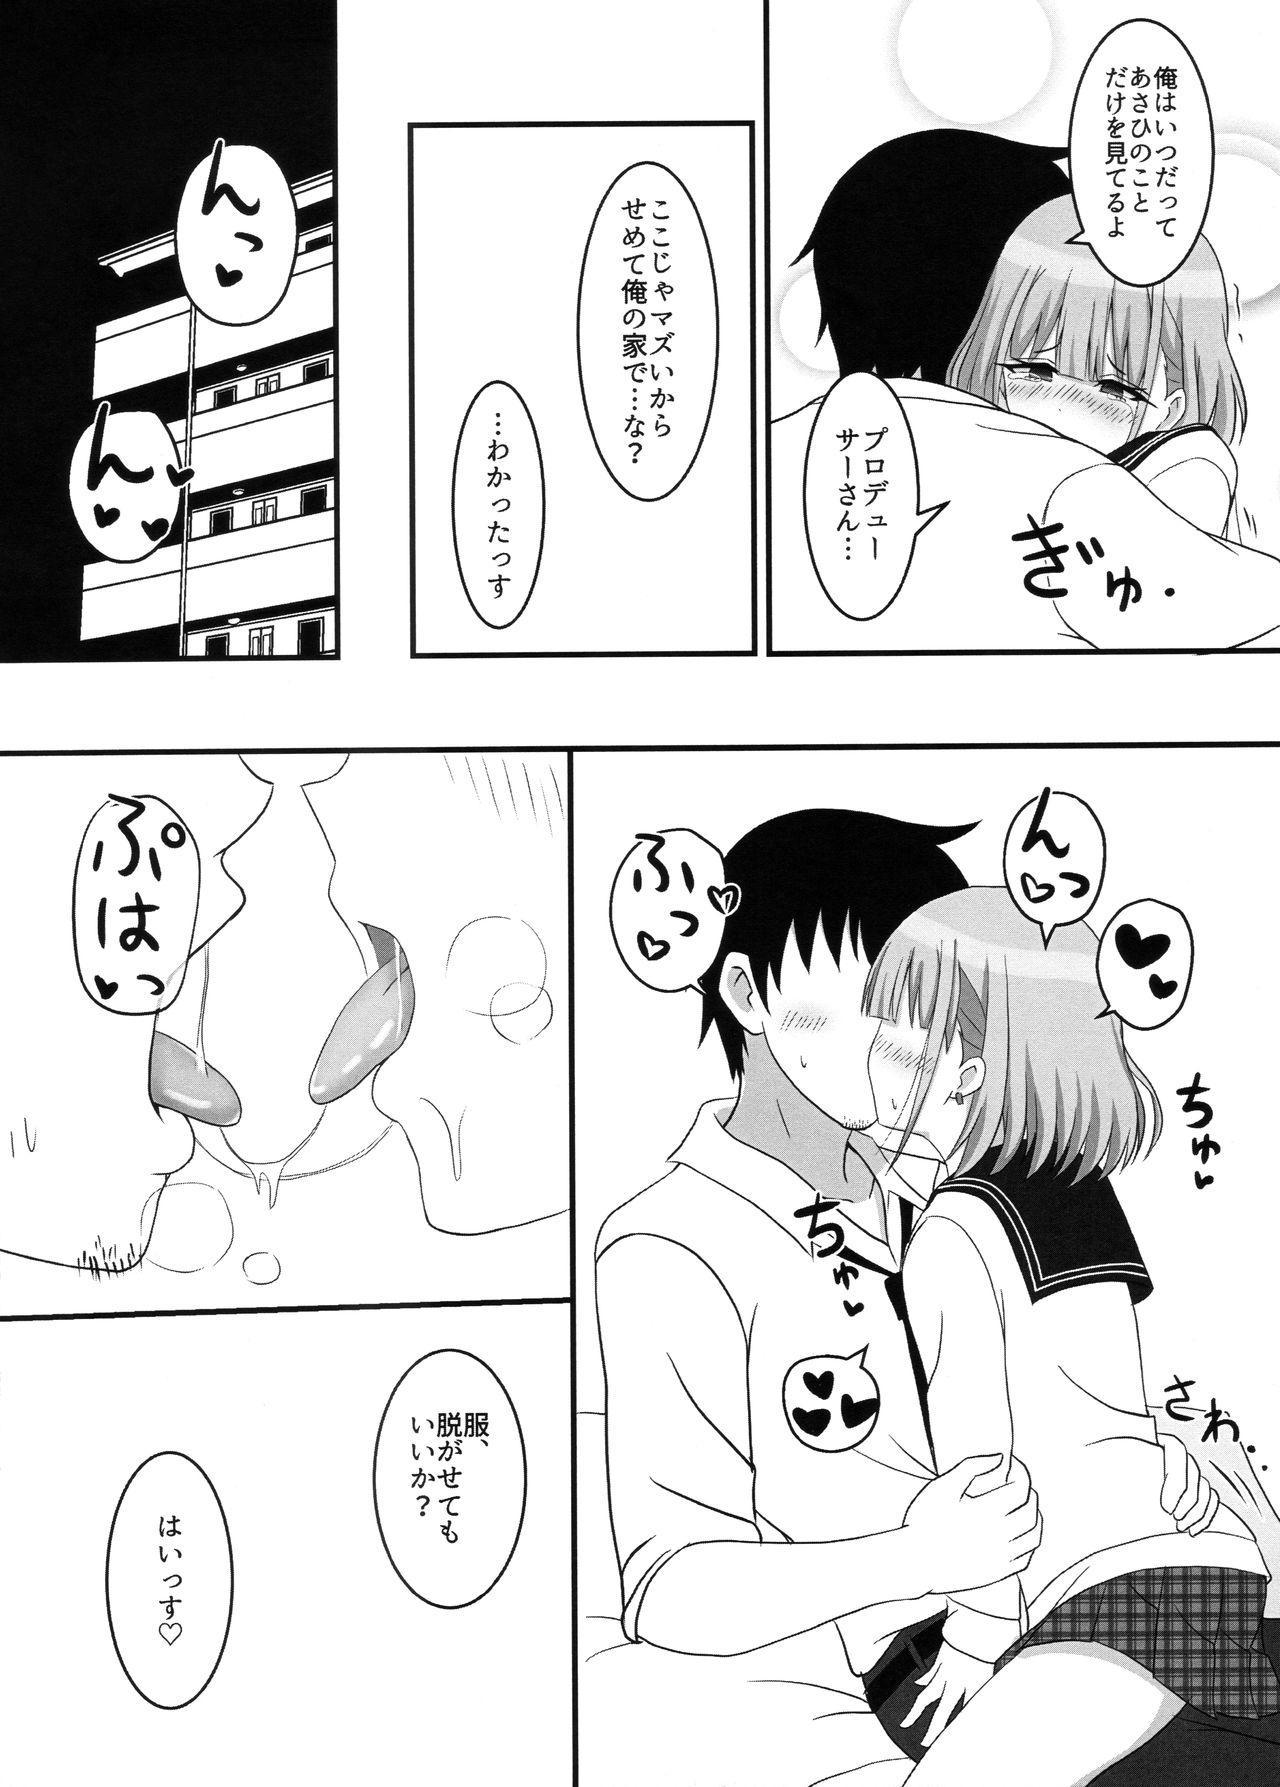 Asahi ga mata noboru 8